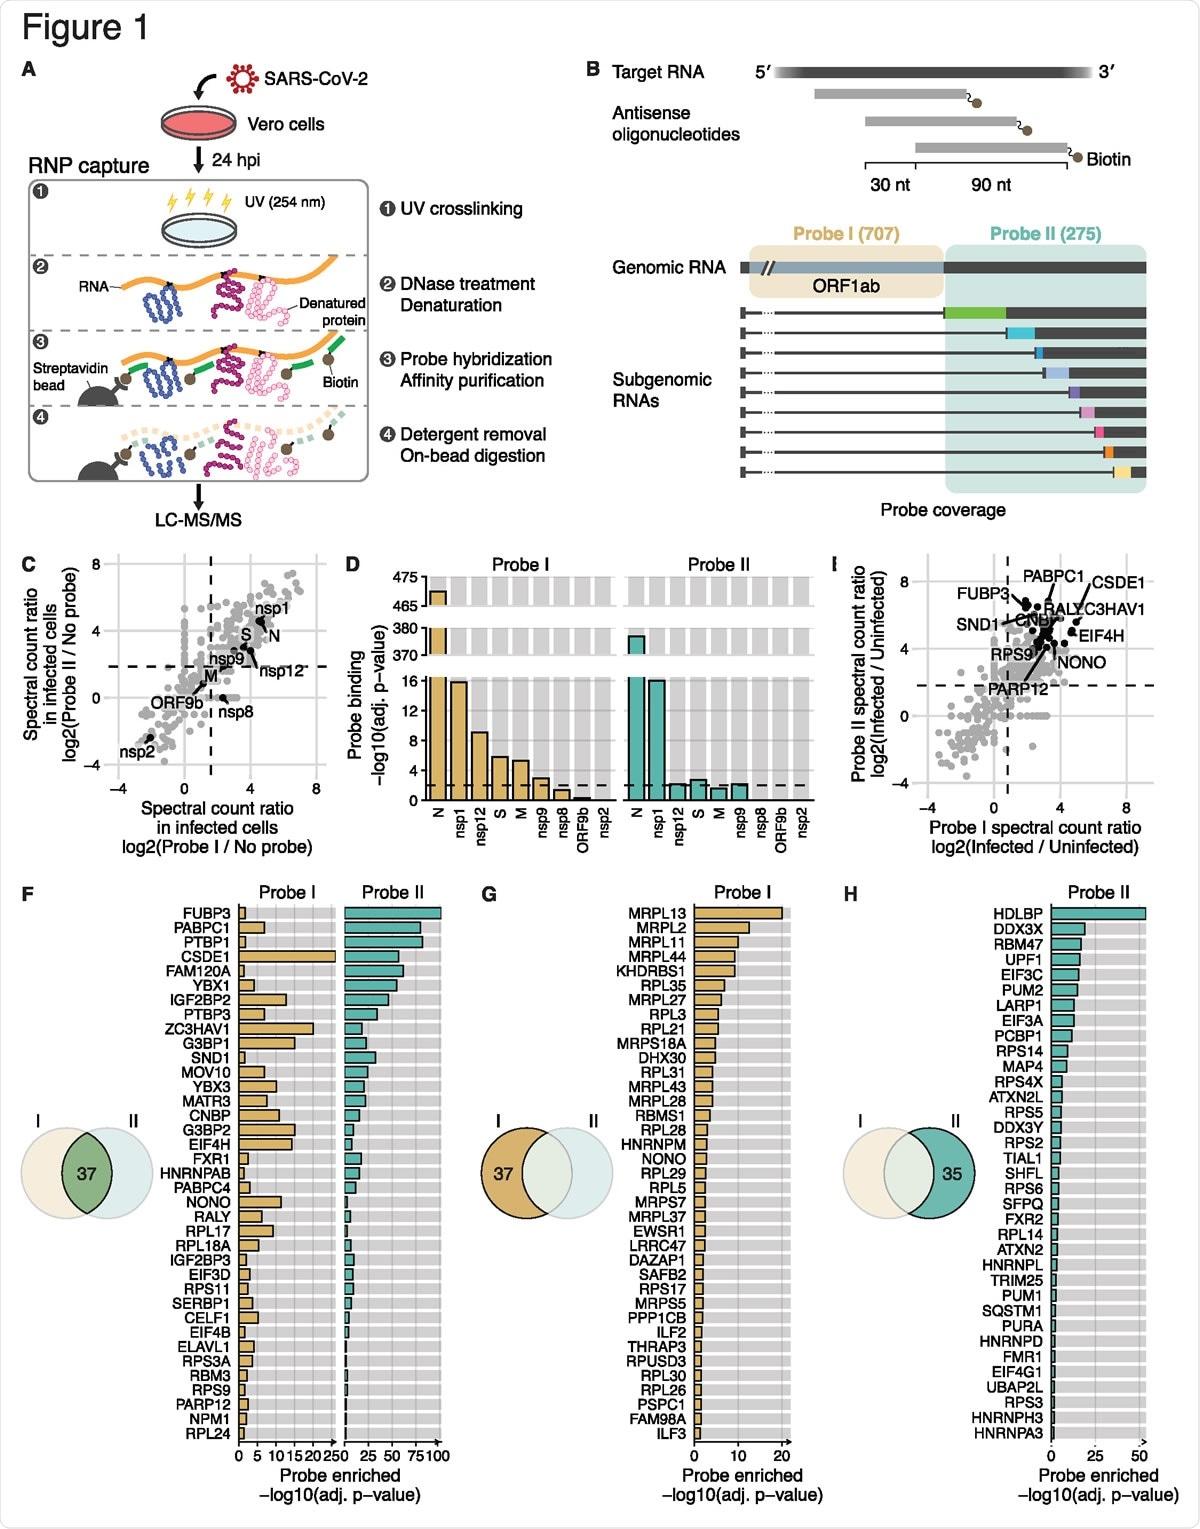 """Anfitrião detalhado da identificação e proteínas virais que interagem directamente com o diagrama esquemático de SARS-CoV-2 RNAs (a) do protocolo alterado de RAP-MS em pilhas de SARS-CoV-2-infected Vero. (b) Diagrama esquemático de duas associações separadas de 90 oligonucleotides antisentido do NT e de sua cobertura do RNA SARS-CoV-2. A primeira ponta de prova ajustou a """"ponta de prova que eu"""" consisto em 707 oligonucleotides que cobrem a região original de gRNA, e a """"ponta de prova ajustada segunda ponta de prova II"""" consiste em 275 oligonucleotides que cobrem a região comum de gRNA e de sgRNAs. (c) Relação espectral da contagem da ponta de prova experiências mim (x-linha central) e da ponta de prova II (y-linha central) sobre o controle da nenhum-ponta de prova em pilhas de SARS-CoV-2-infected Vero (n = 3 replicates técnicos). As proteínas do anfitrião são marcadas por círculos cinzentos, e as proteínas virais (n = 9) são marcadas e etiquetadas no preto. A relação espectral média da contagem da ponta de prova eu e de experiências da ponta de prova II sou marcado por linhas tracejadas verticais e horizontais, respectivamente. (d) Análise estatística da quantidade de proteínas virais sobre o controle da nenhum-ponta de prova (isto é emperramento da ponta de prova). P-valores ajustados (P-valor ajustável) da ponta de prova eu experiências e de experiências da ponta de prova II sou mostrado em amarelo e em verde, respectivamente. O ponto inicial para o significado estatístico (p-valor ajustável < 0,01) é indicado por linhas tracejadas horizontais. (e) Relação espectral da contagem da ponta de prova experiências eu (x-linha central) e da ponta de prova II (y-linha central) em pilhas contaminadas SARS-CoV-2- de Vero compararam aos captureexperiments de RNP em pilhas uninfected (n = 3 replicates técnicos). Proteínas estatìstica significativas do anfitrião (n = 37, P-valor ajustável < 0,05) na ponta de prova experiências eu e da ponta de prova II são marcados por círculo"""